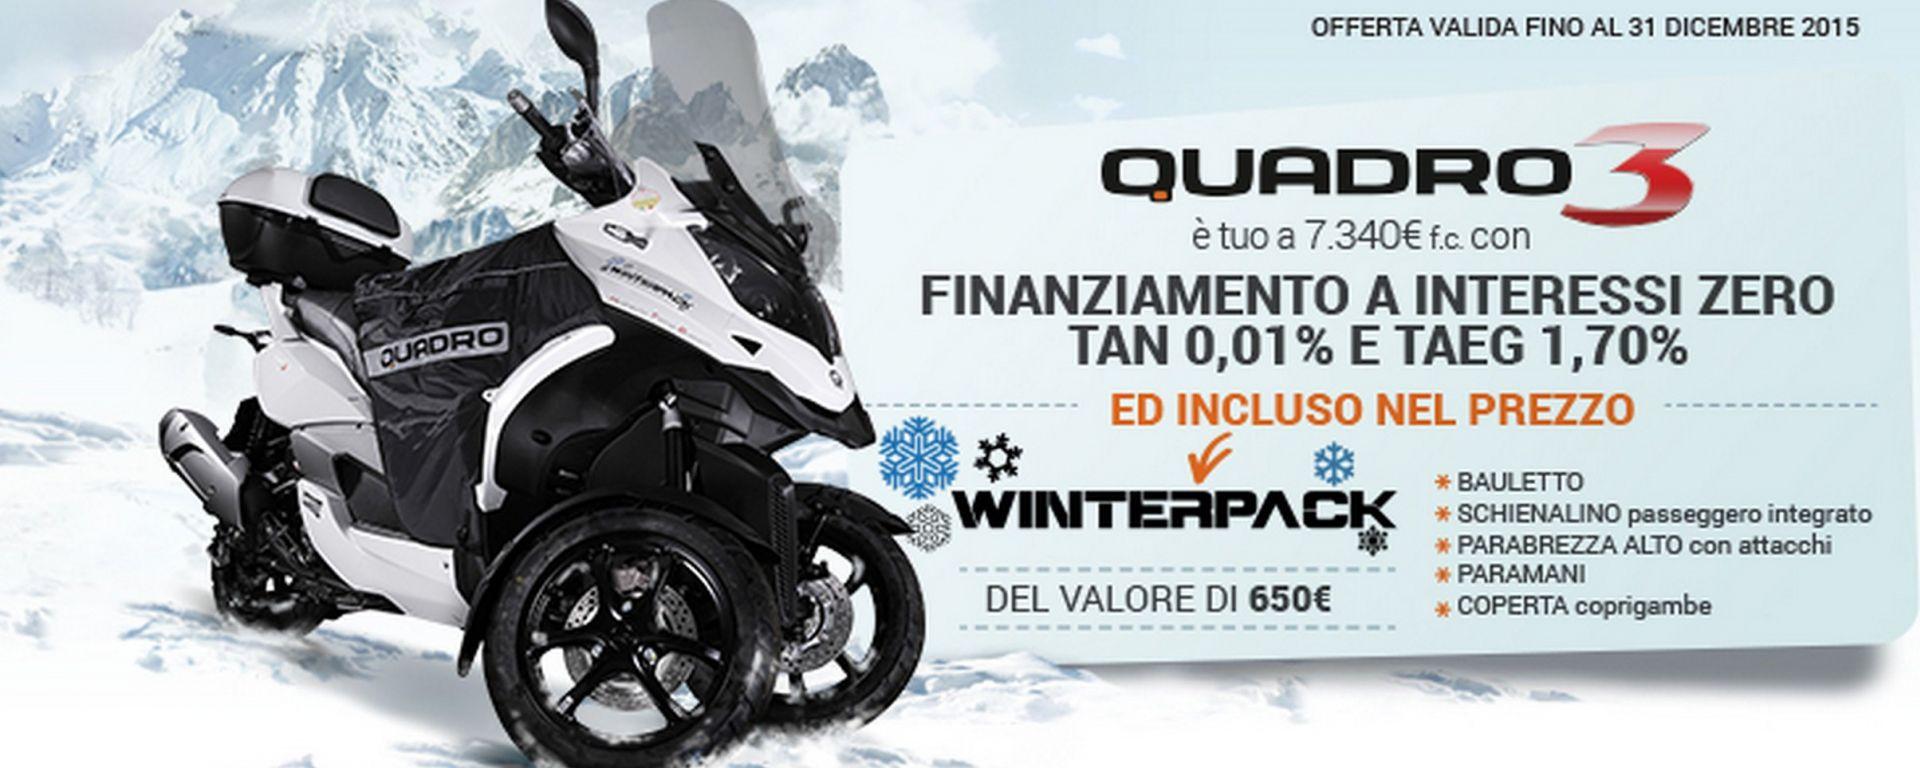 Quadro3 Winterpack